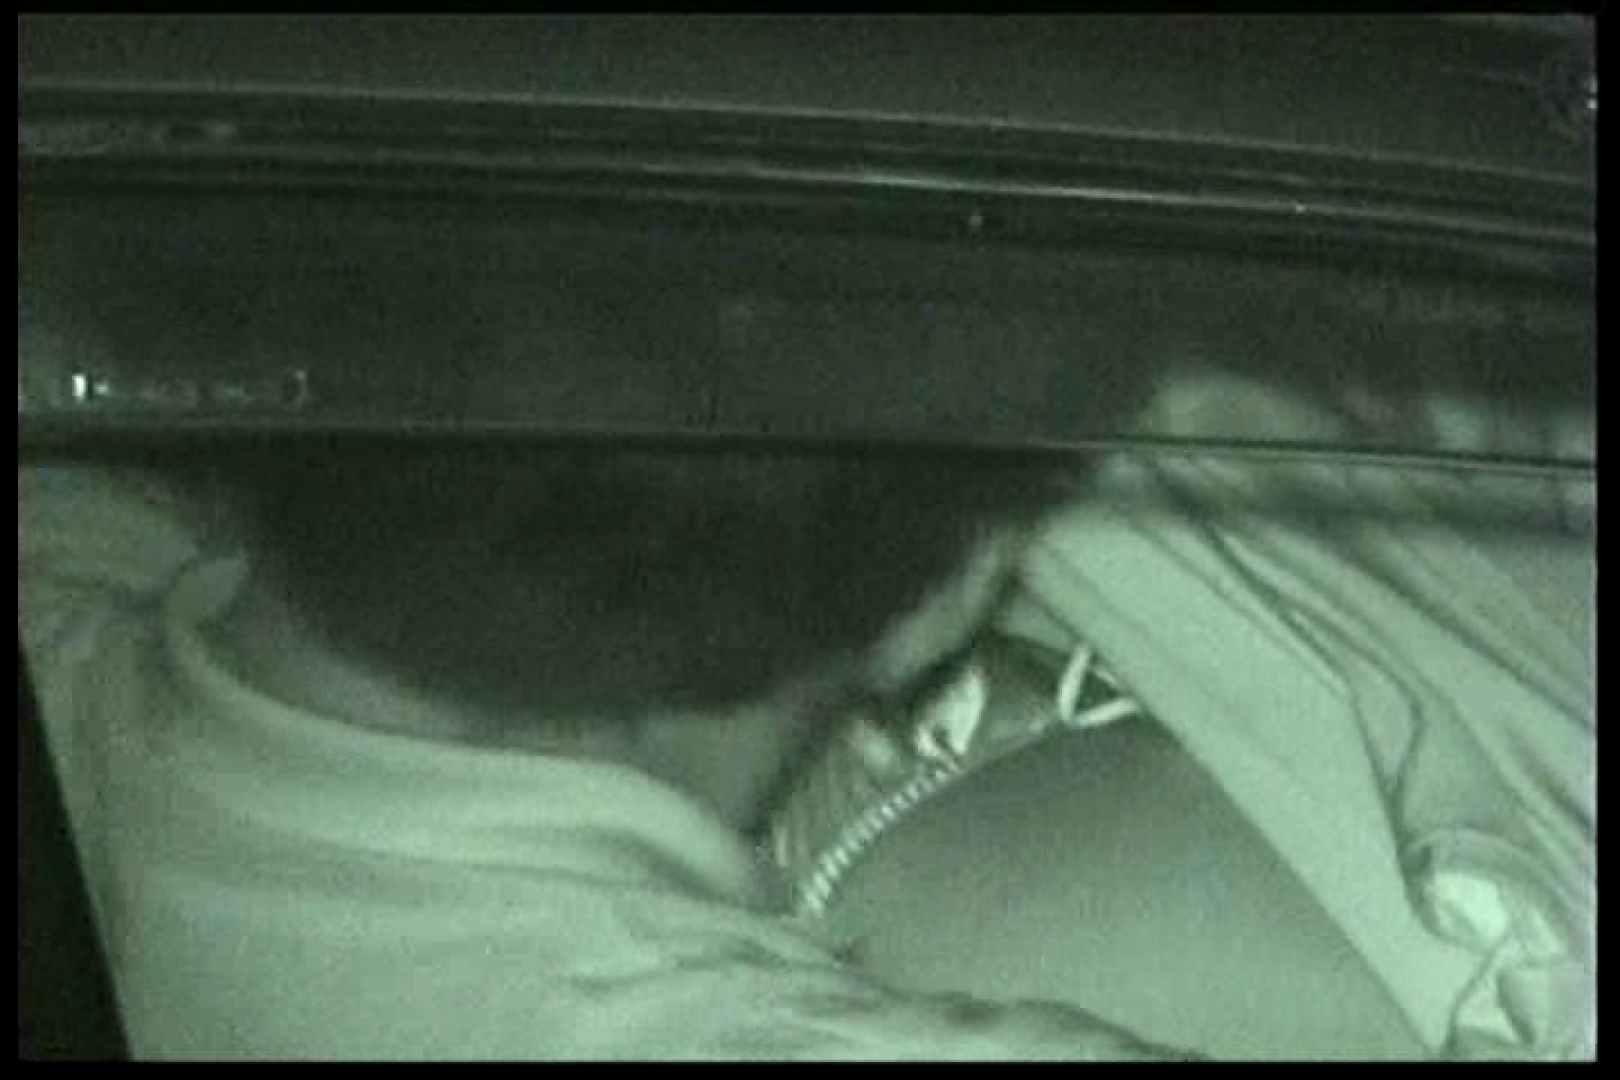 車の中はラブホテル 無修正版  Vol.13 赤外線 おめこ無修正動画無料 64画像 54